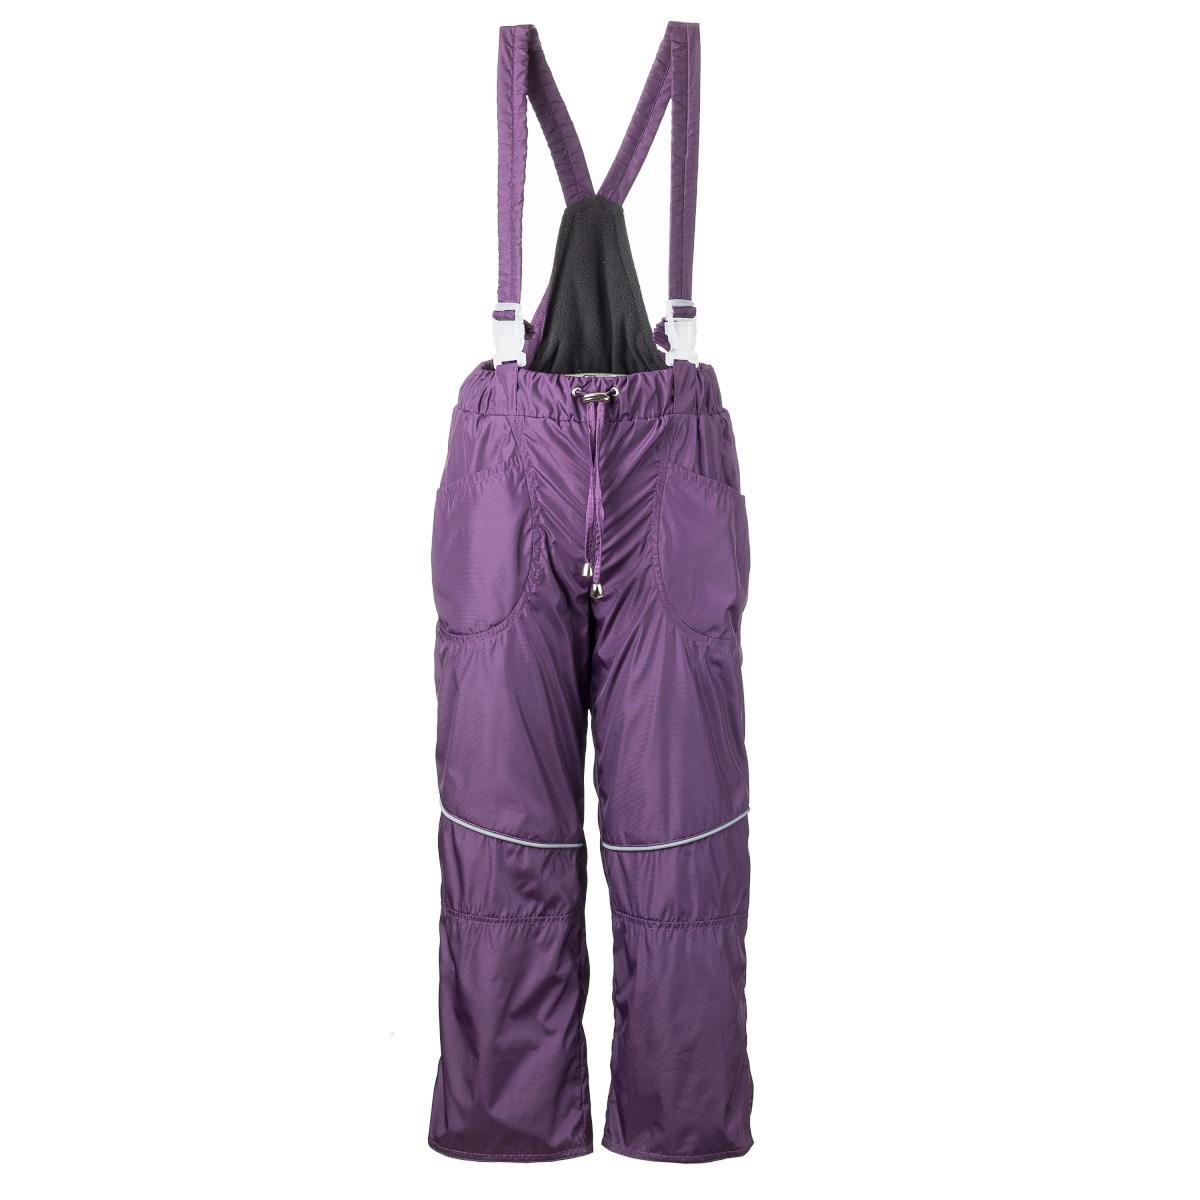 Брюки утепленные детские M&D, цвет: темно-пурпурный. БС0012Ф-12. Размер 122, 7 летБС0012Ф-12